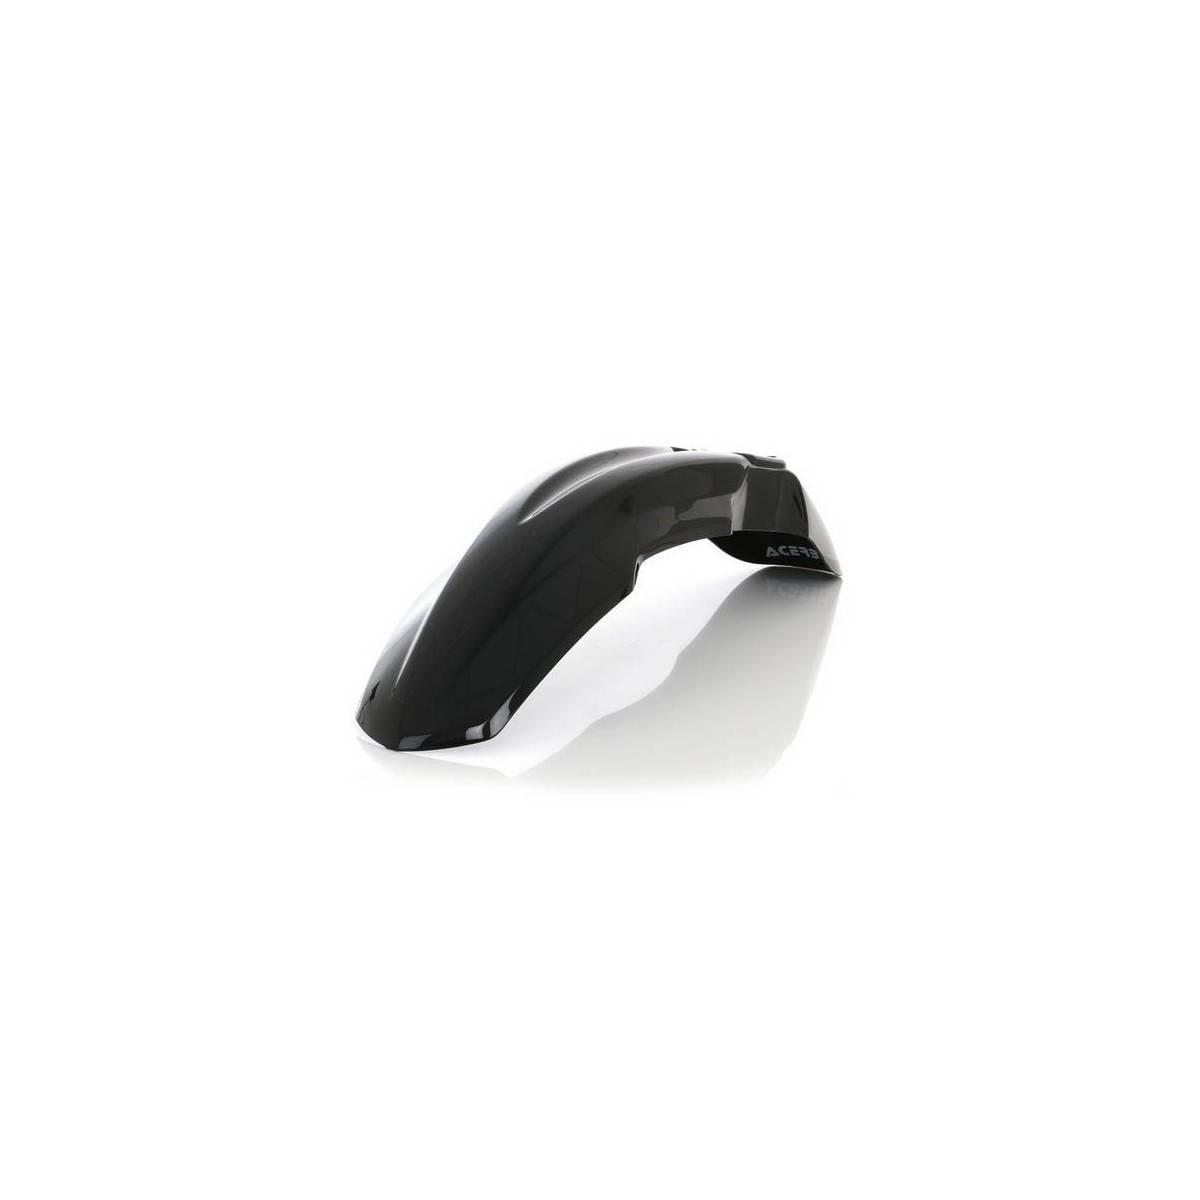 0010347-090 - Guardabarros Delantero Acerbis Honda Crf 150R 04 18 Negro